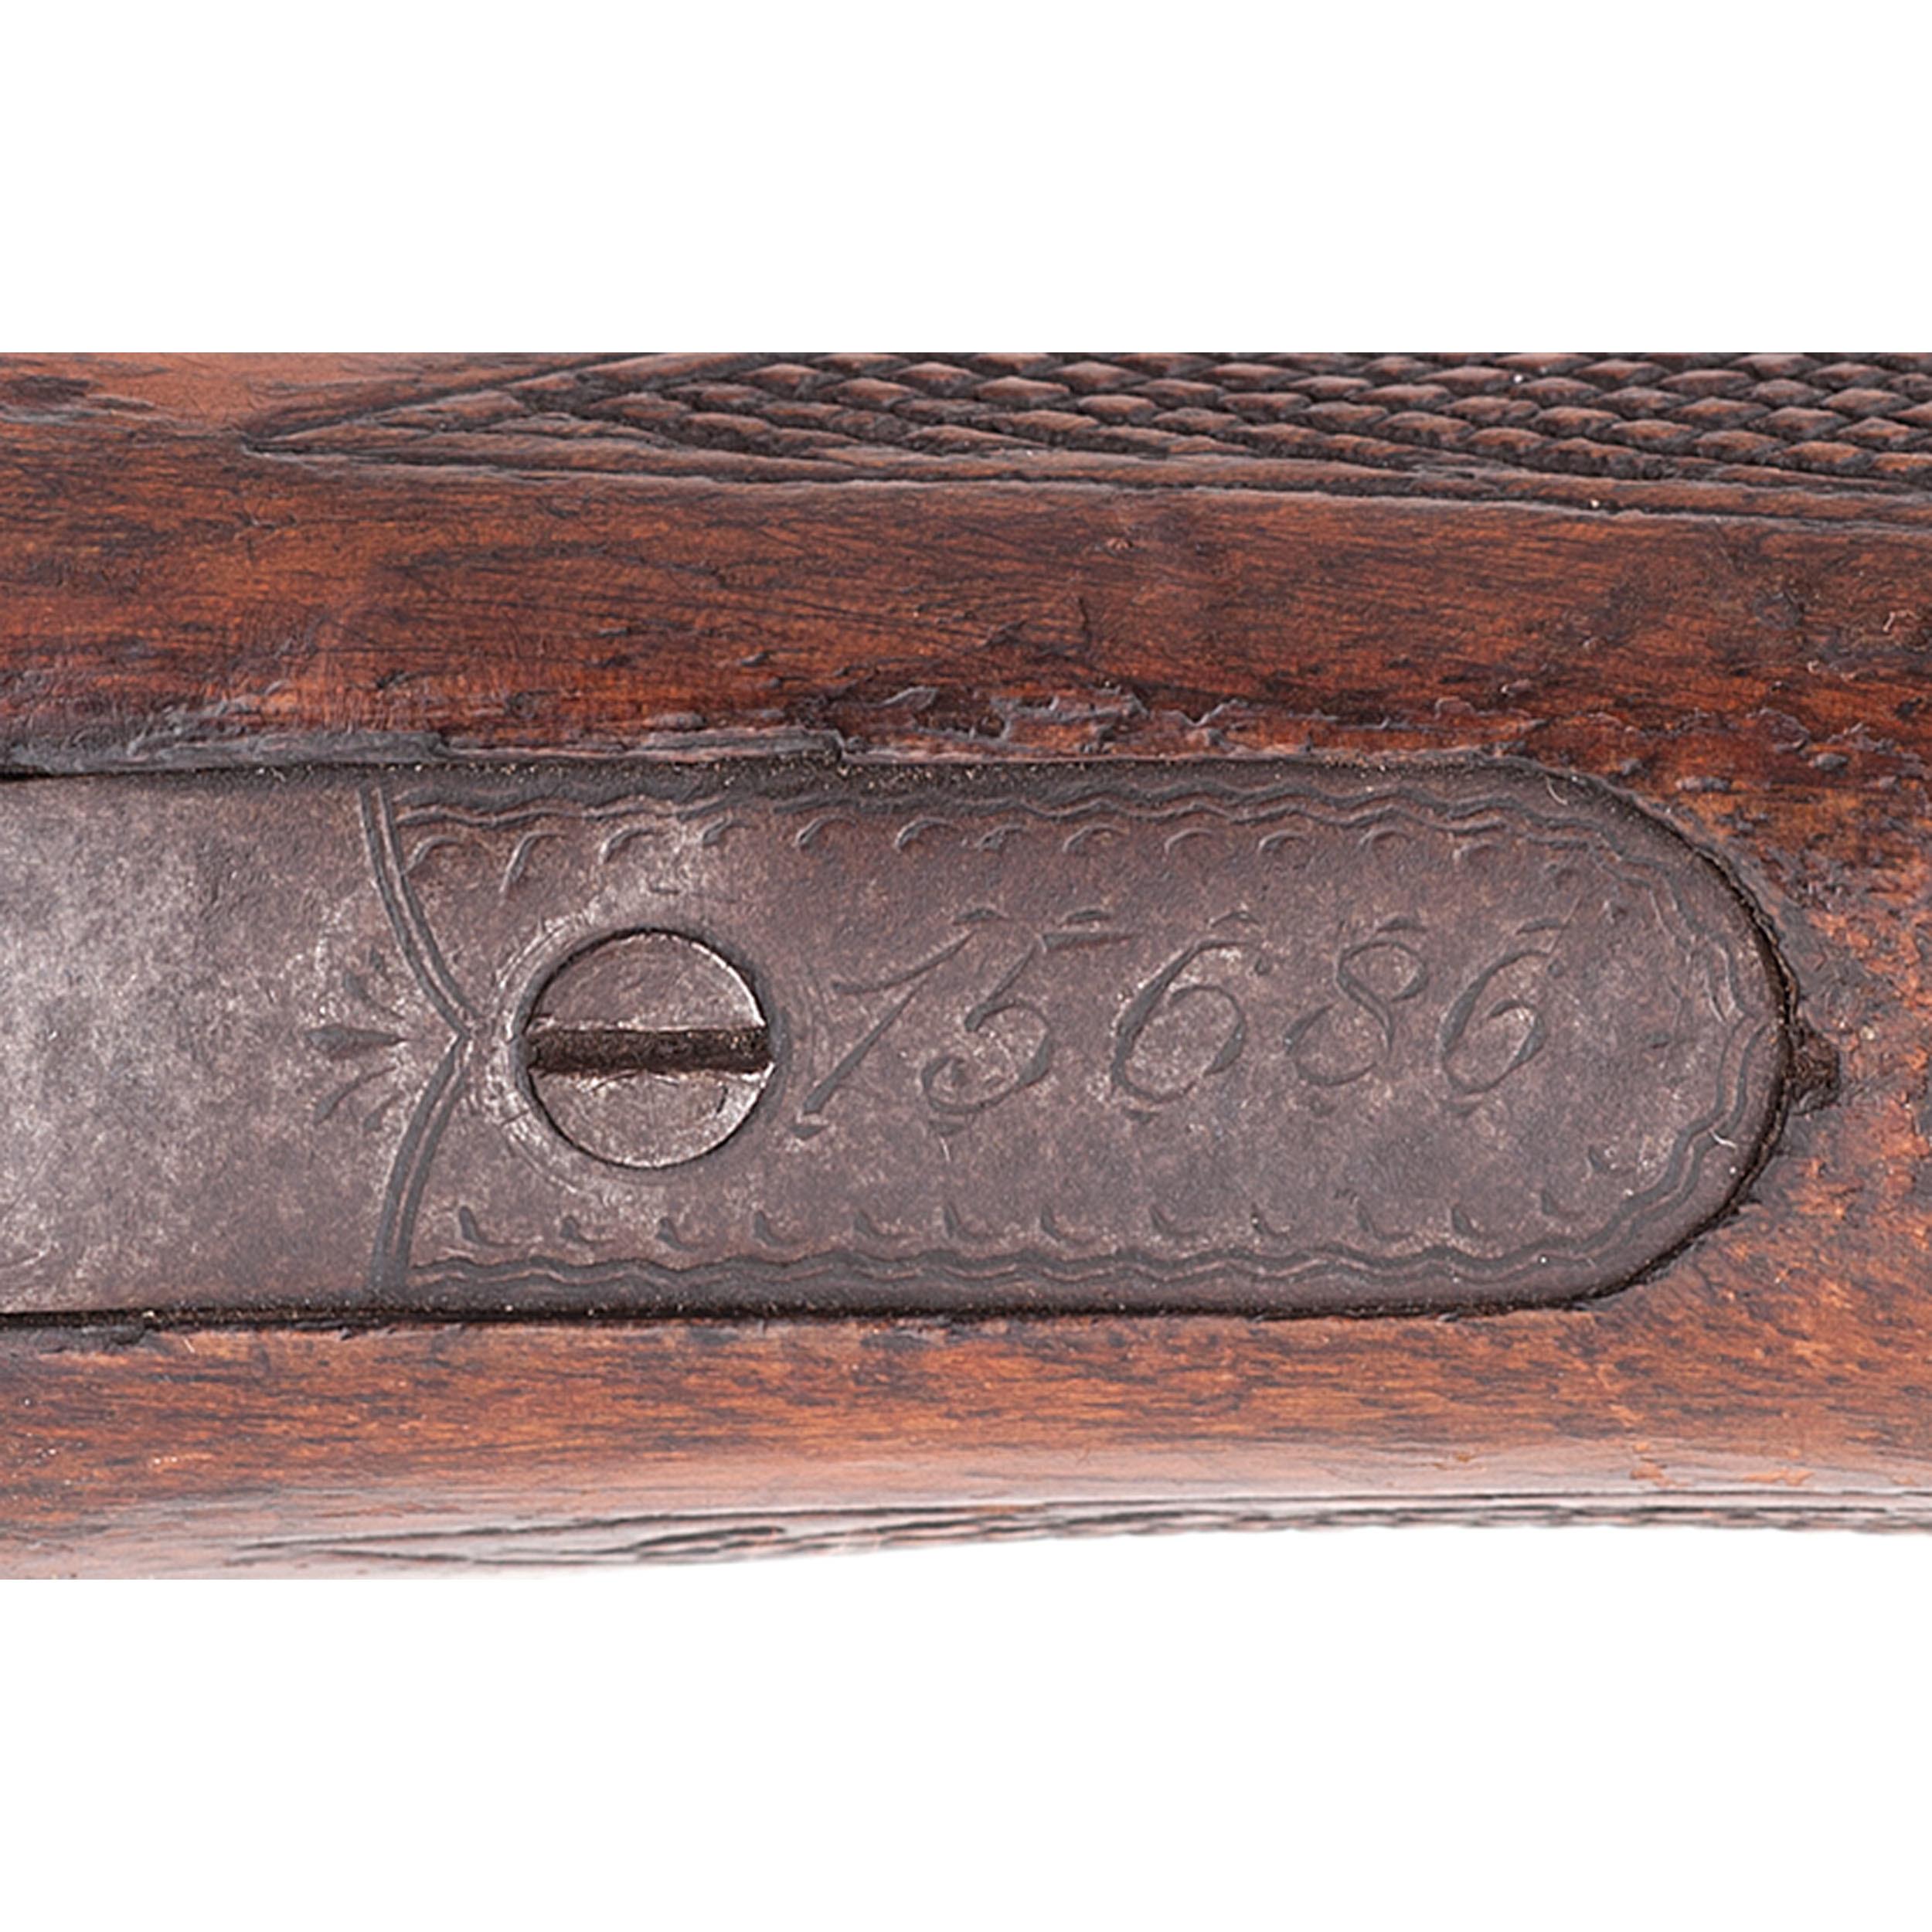 Ithaca Crass Hammerless Double-Barrel Shotgun | Cowan's